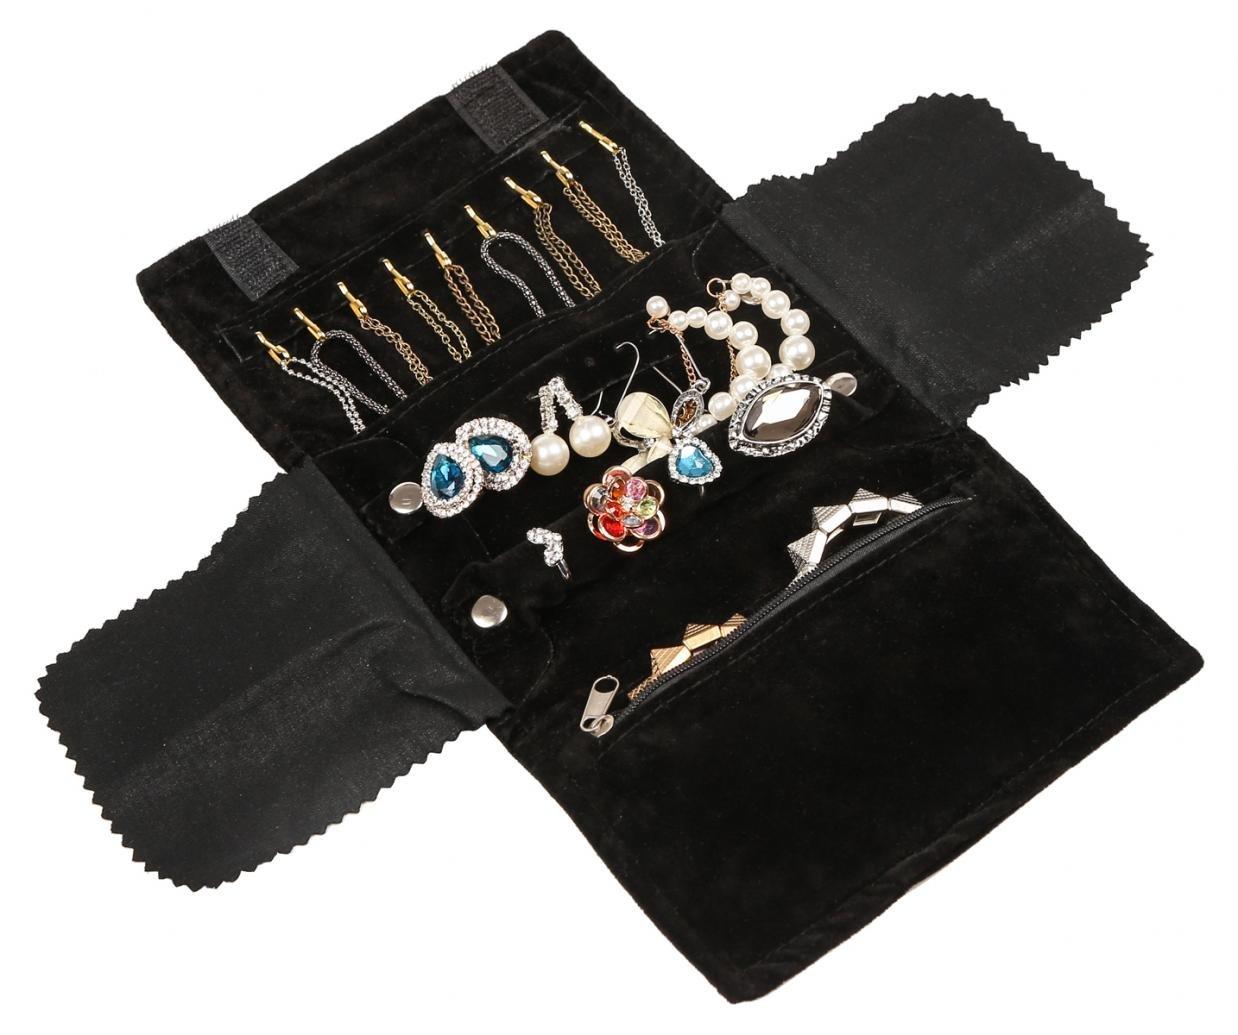 WODISON I monili portatili di lusso verniciano il sacchetto di organizzazione del sacchetto per il vino rosso di corsa (pacchetto di 2) RoyBella